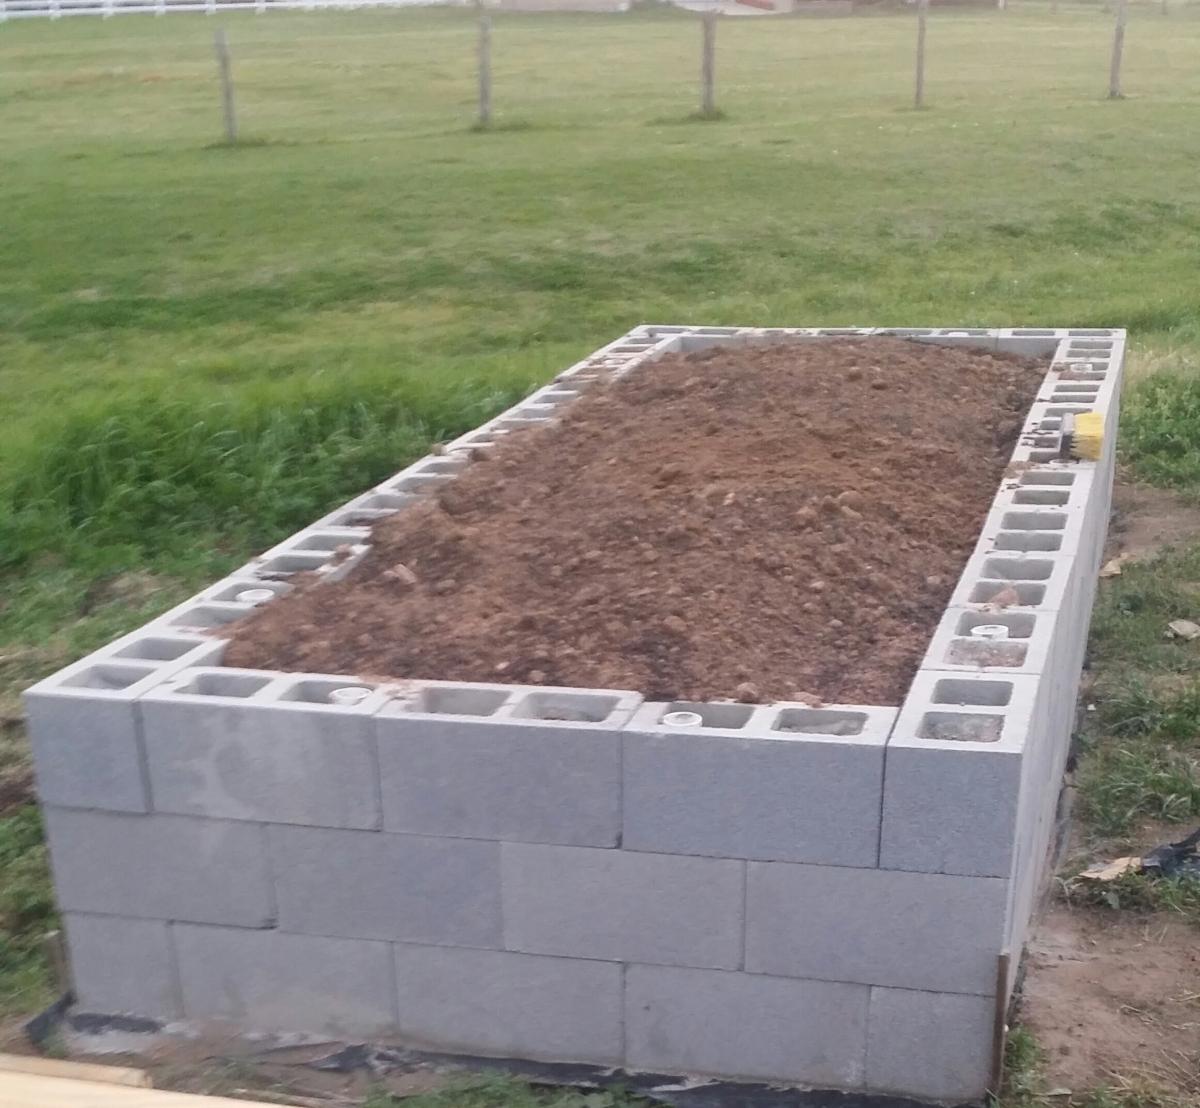 Cinder block framed raised bed filled with soil.